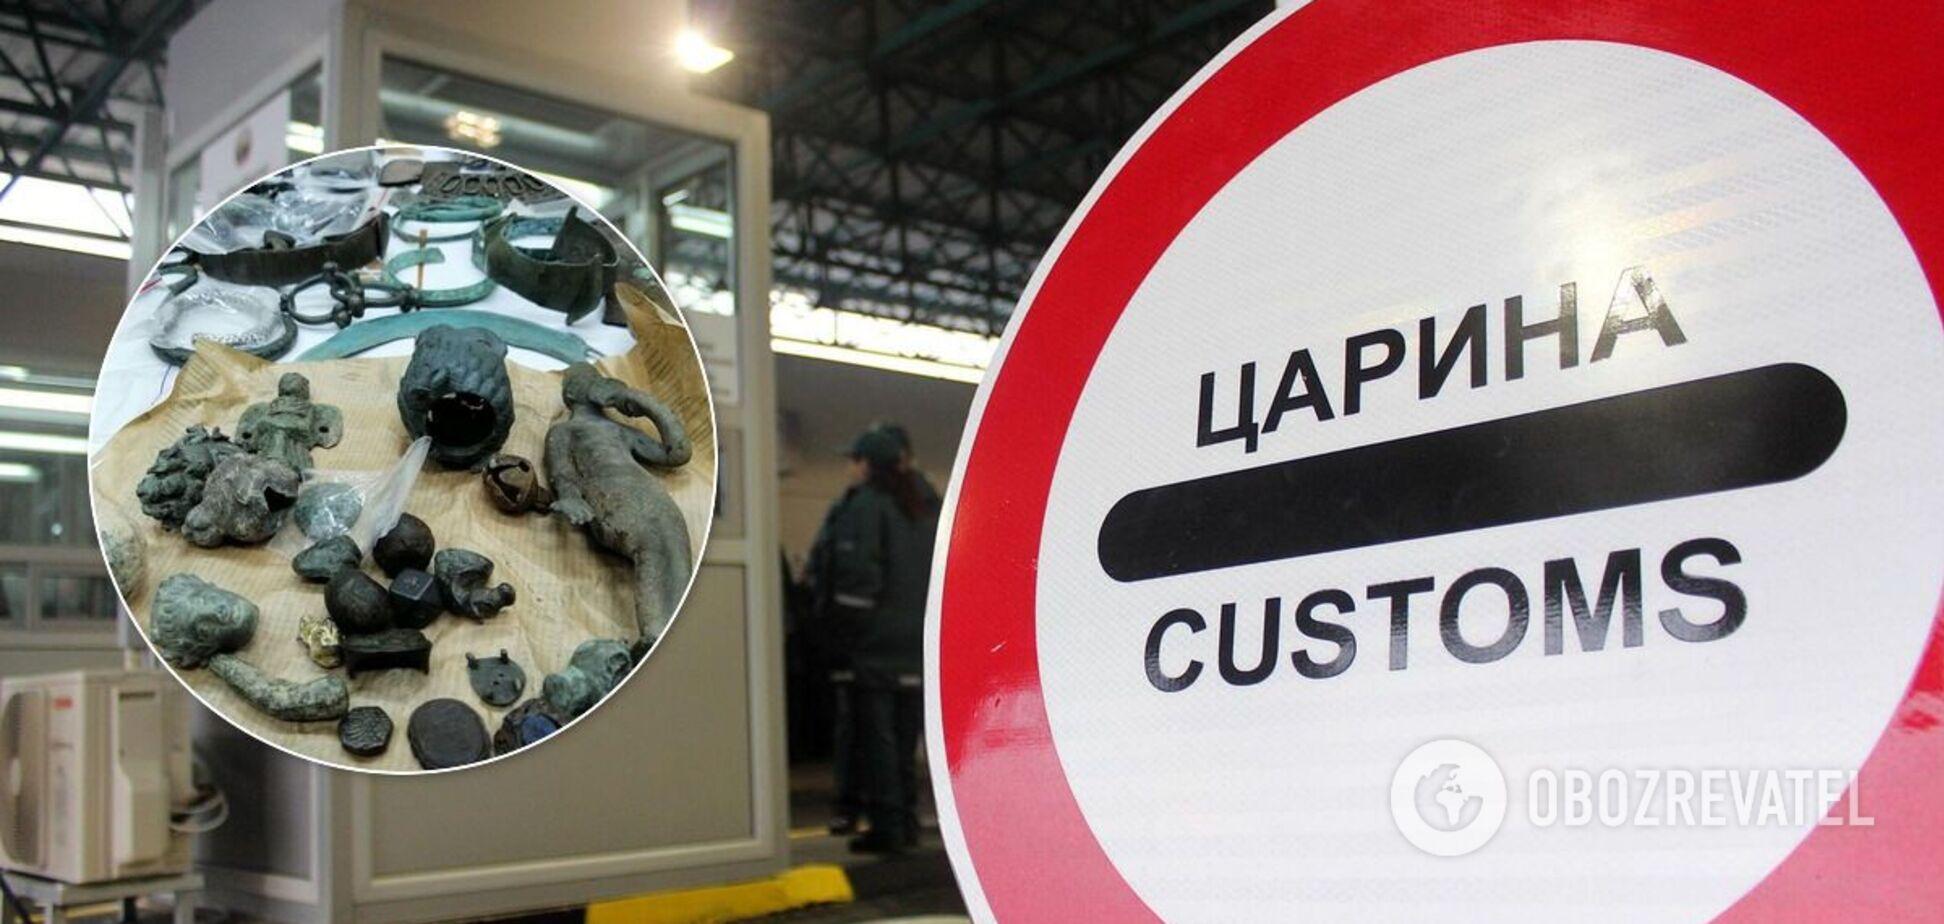 Сербские таможенники задержали контрабанду из Украины